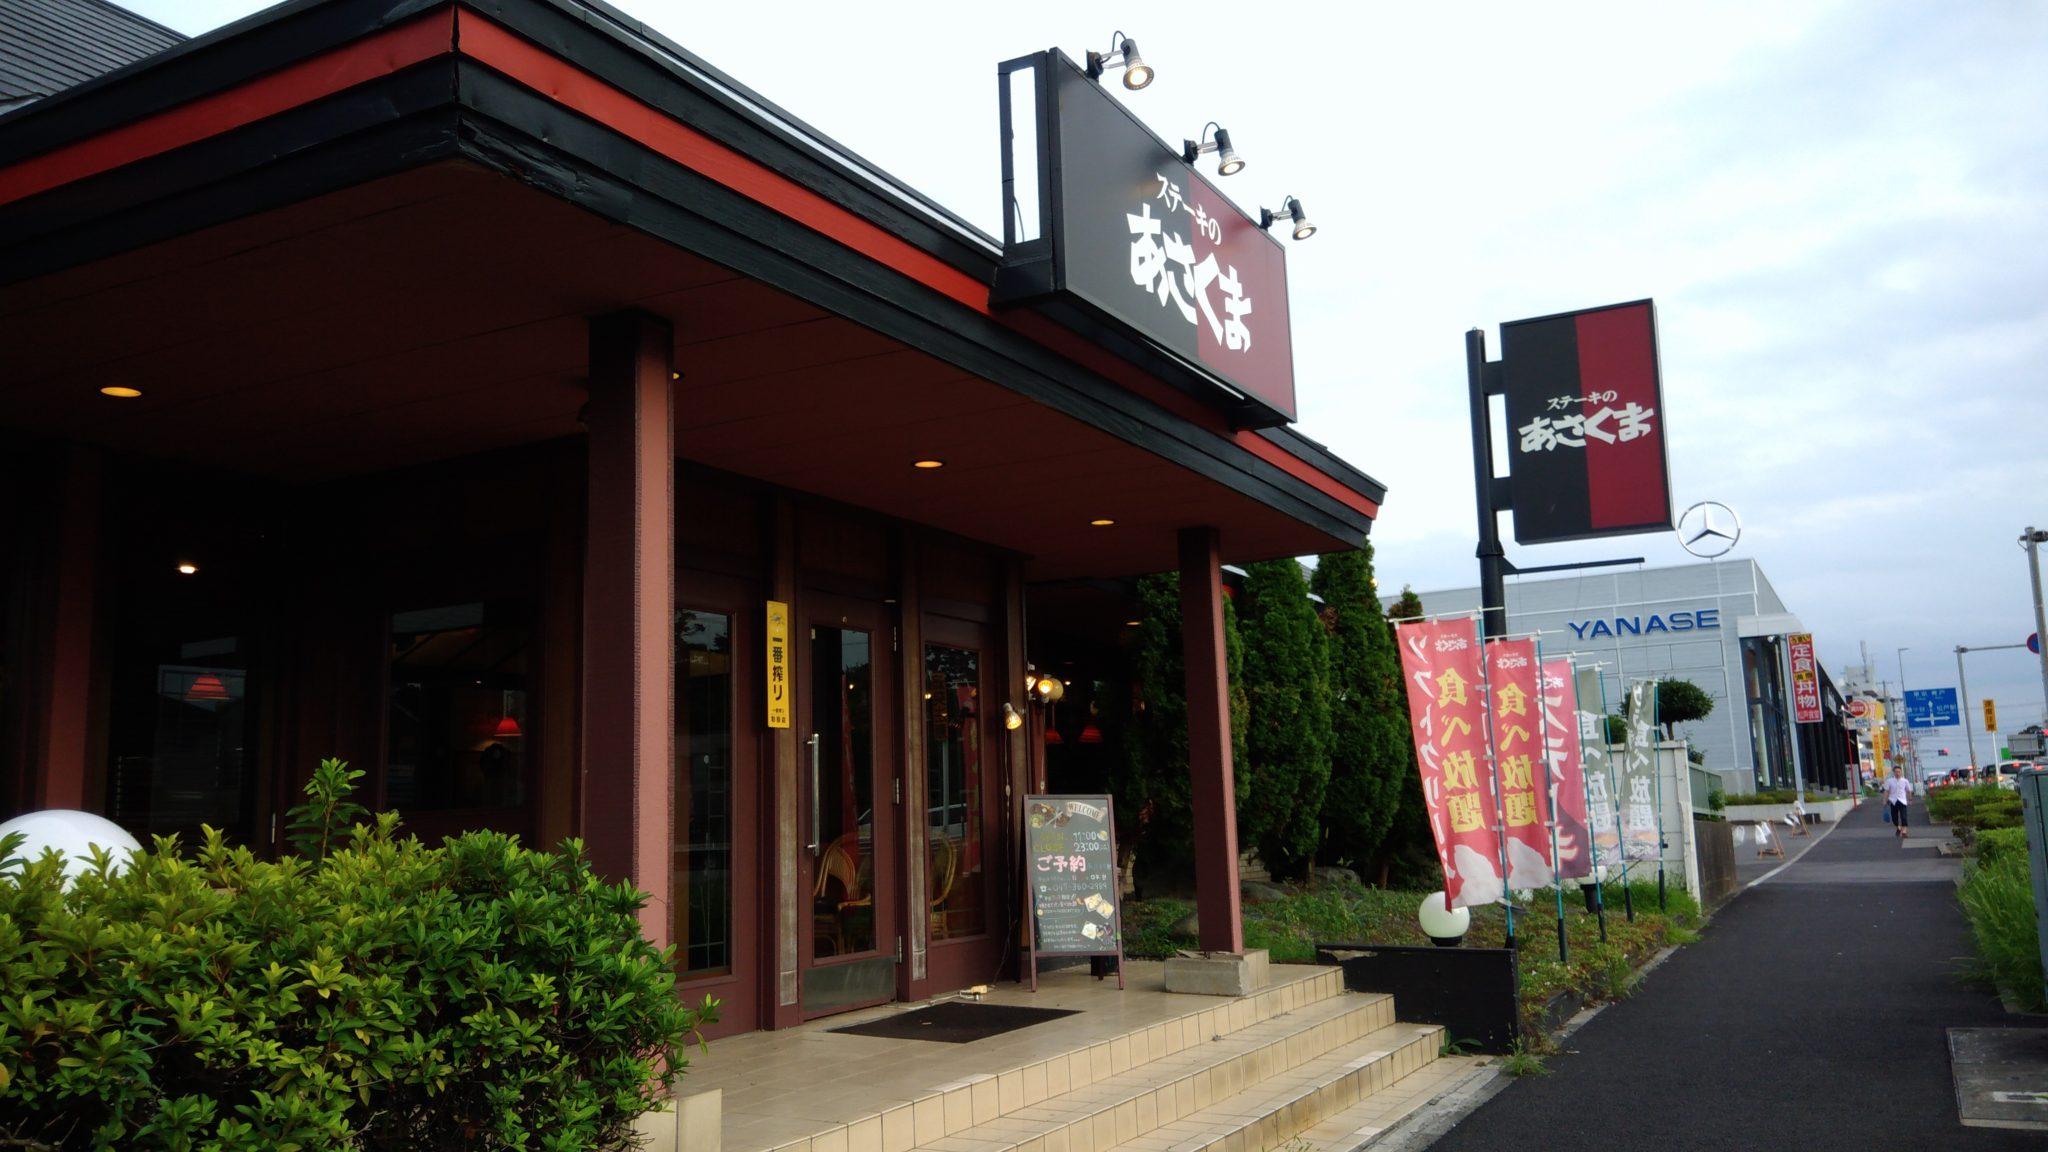 e8f74fcad9615e47d34fe7e76c0f1cdb - 【松戸グルメ】ステーキのあさくまで美味しいジュージューのステーキとバイキング